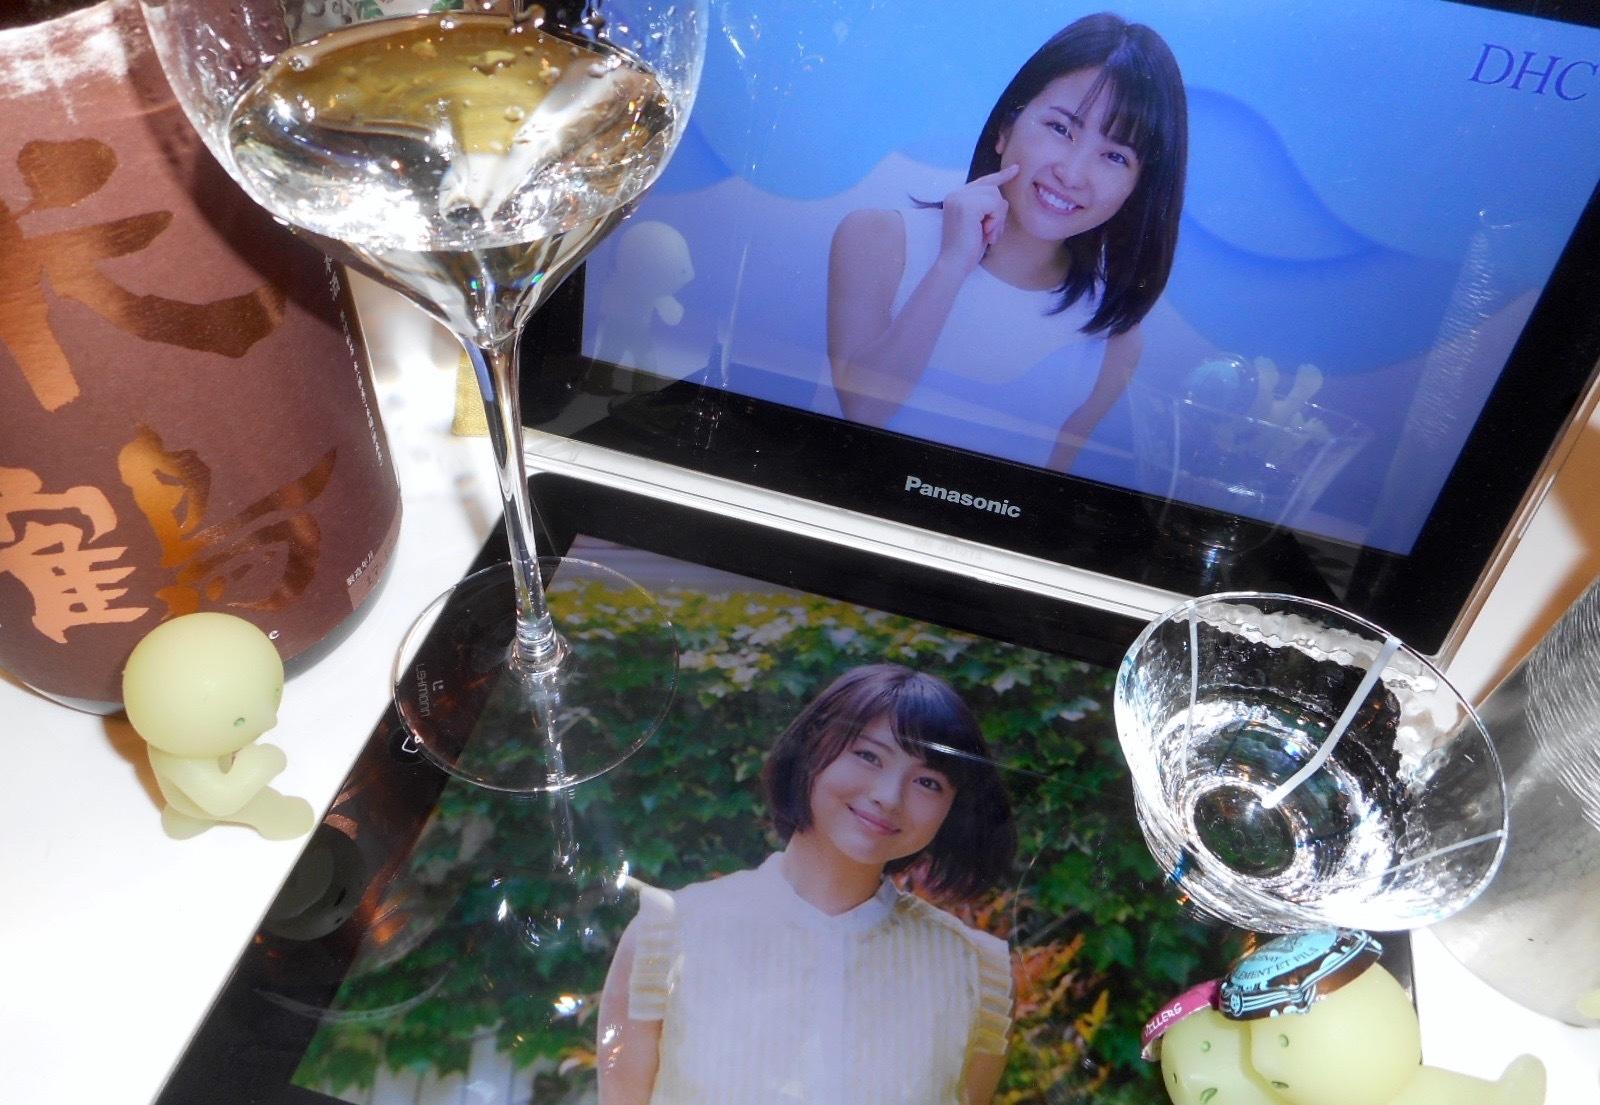 浜辺美波最強論vs志田未来3